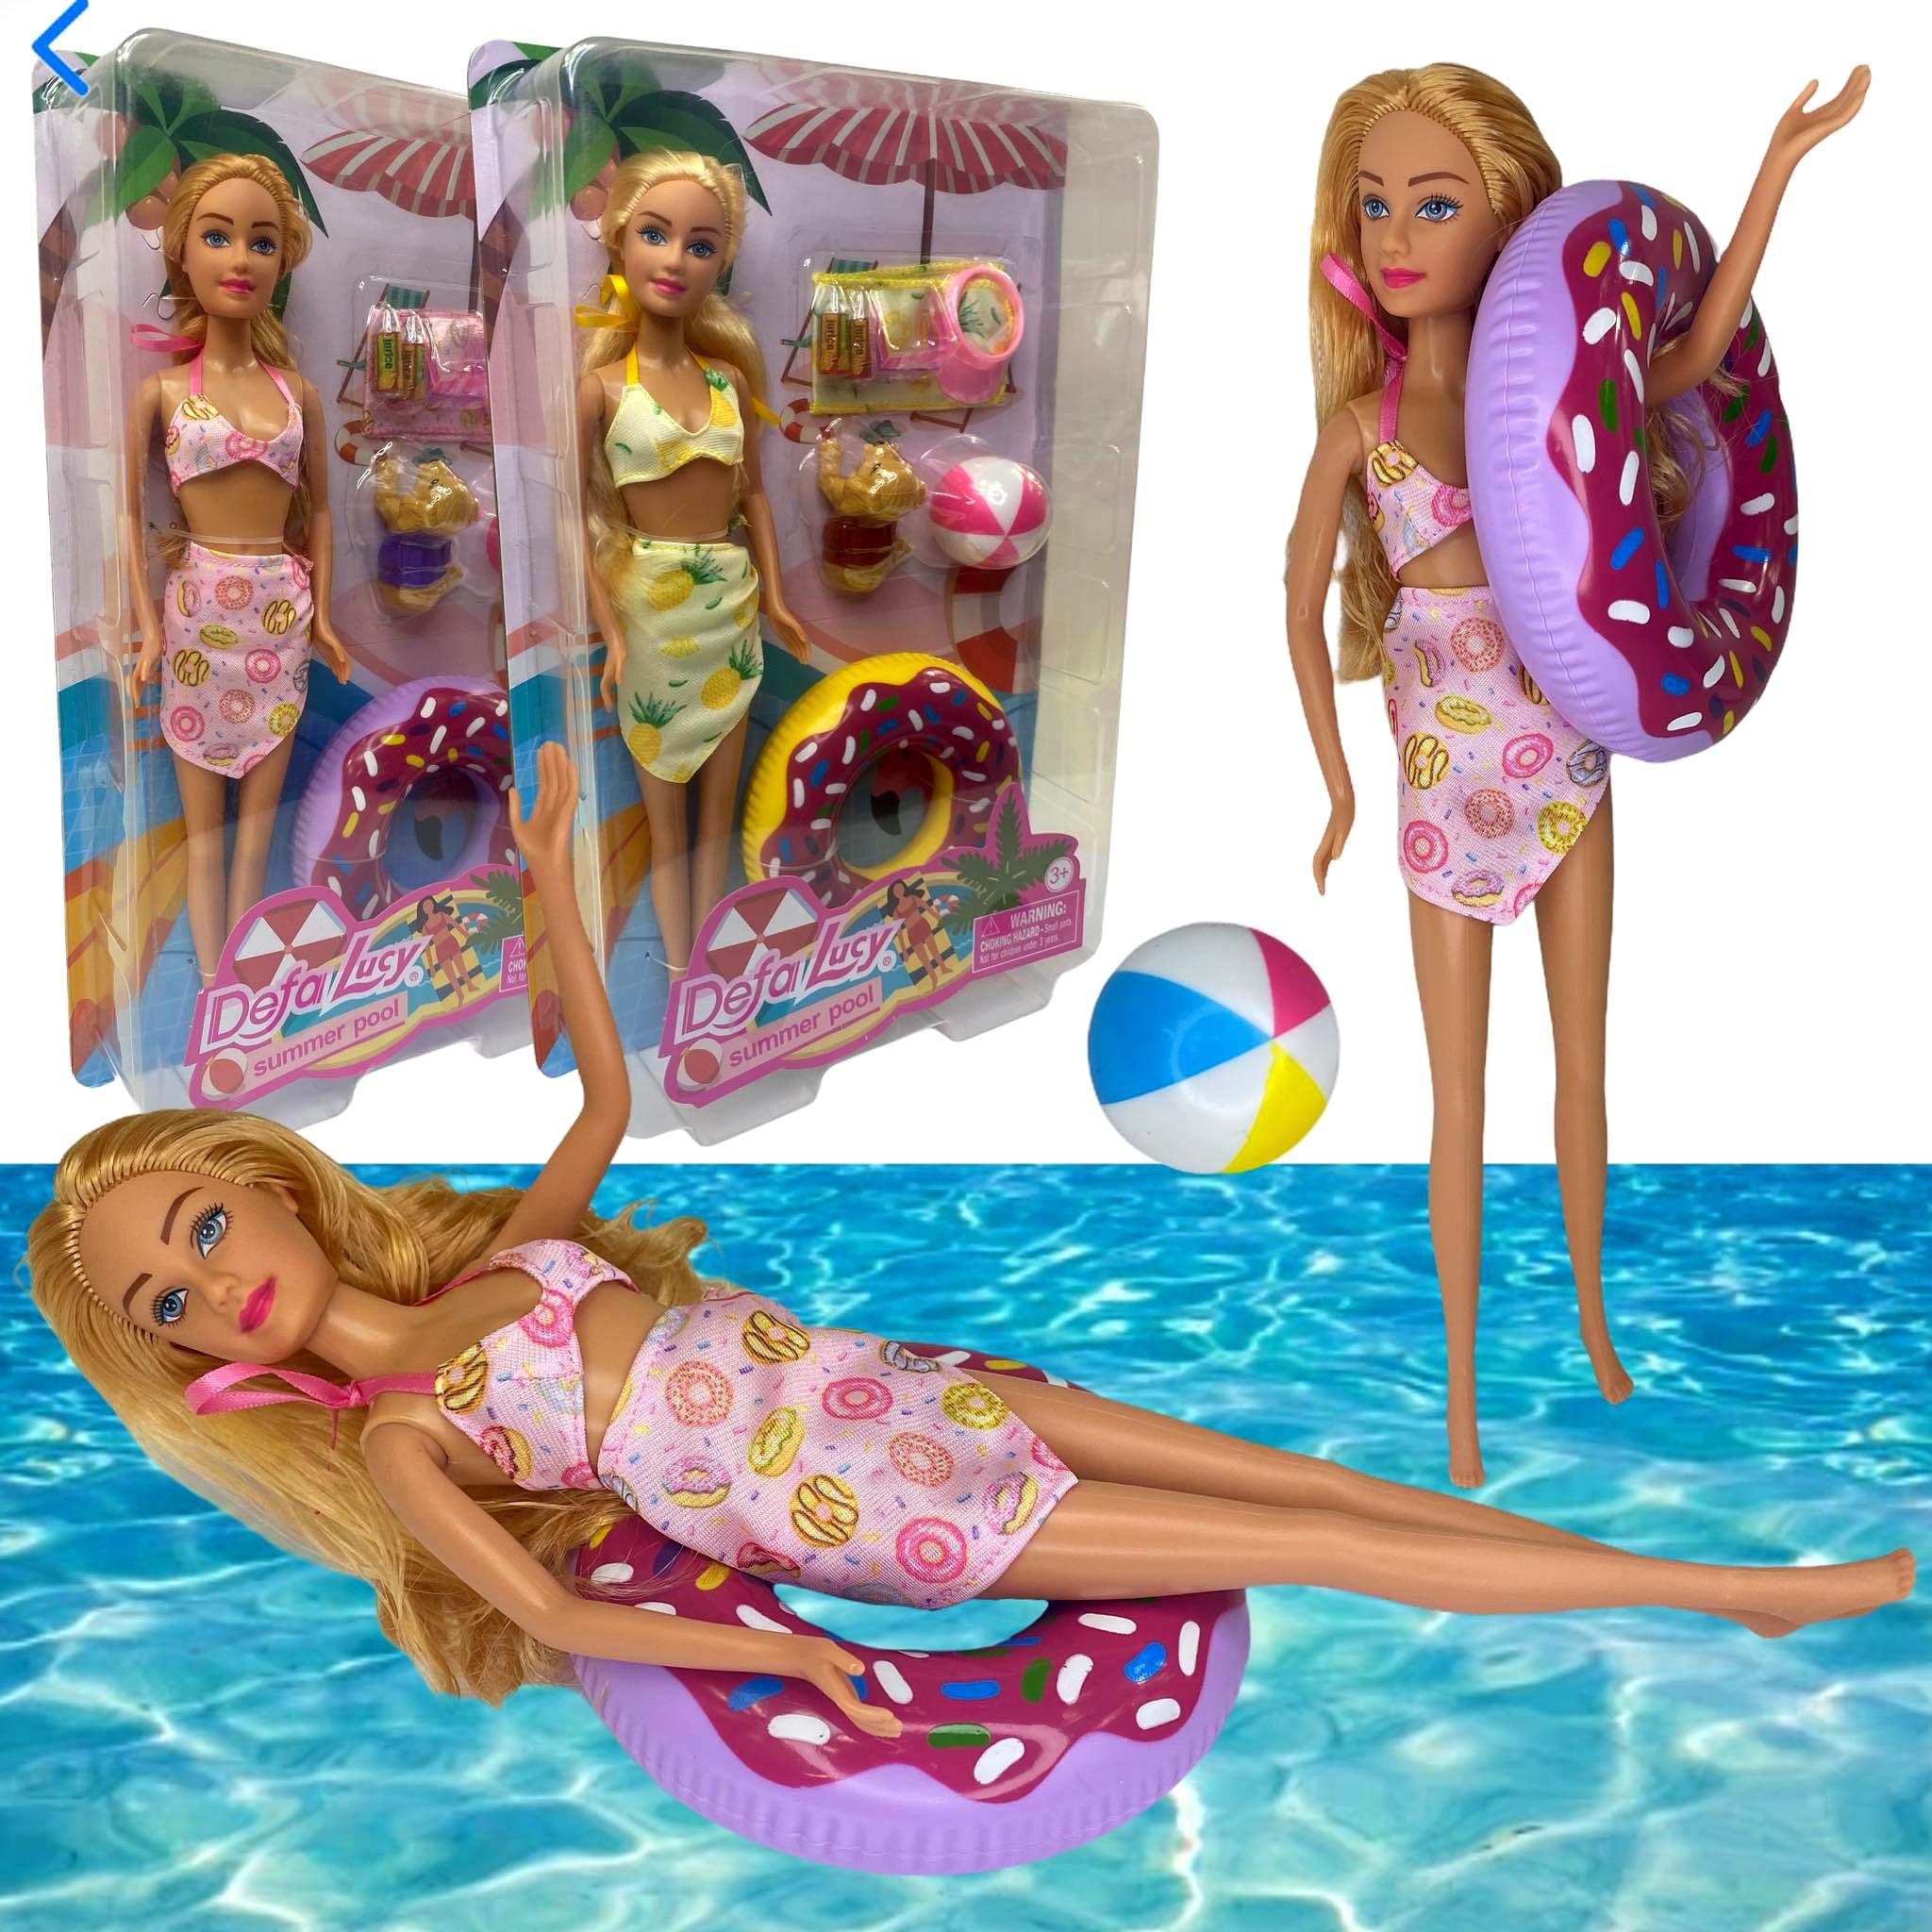 Lalka Barbie Defa Lucy 29 cm z donutem wakacyjna